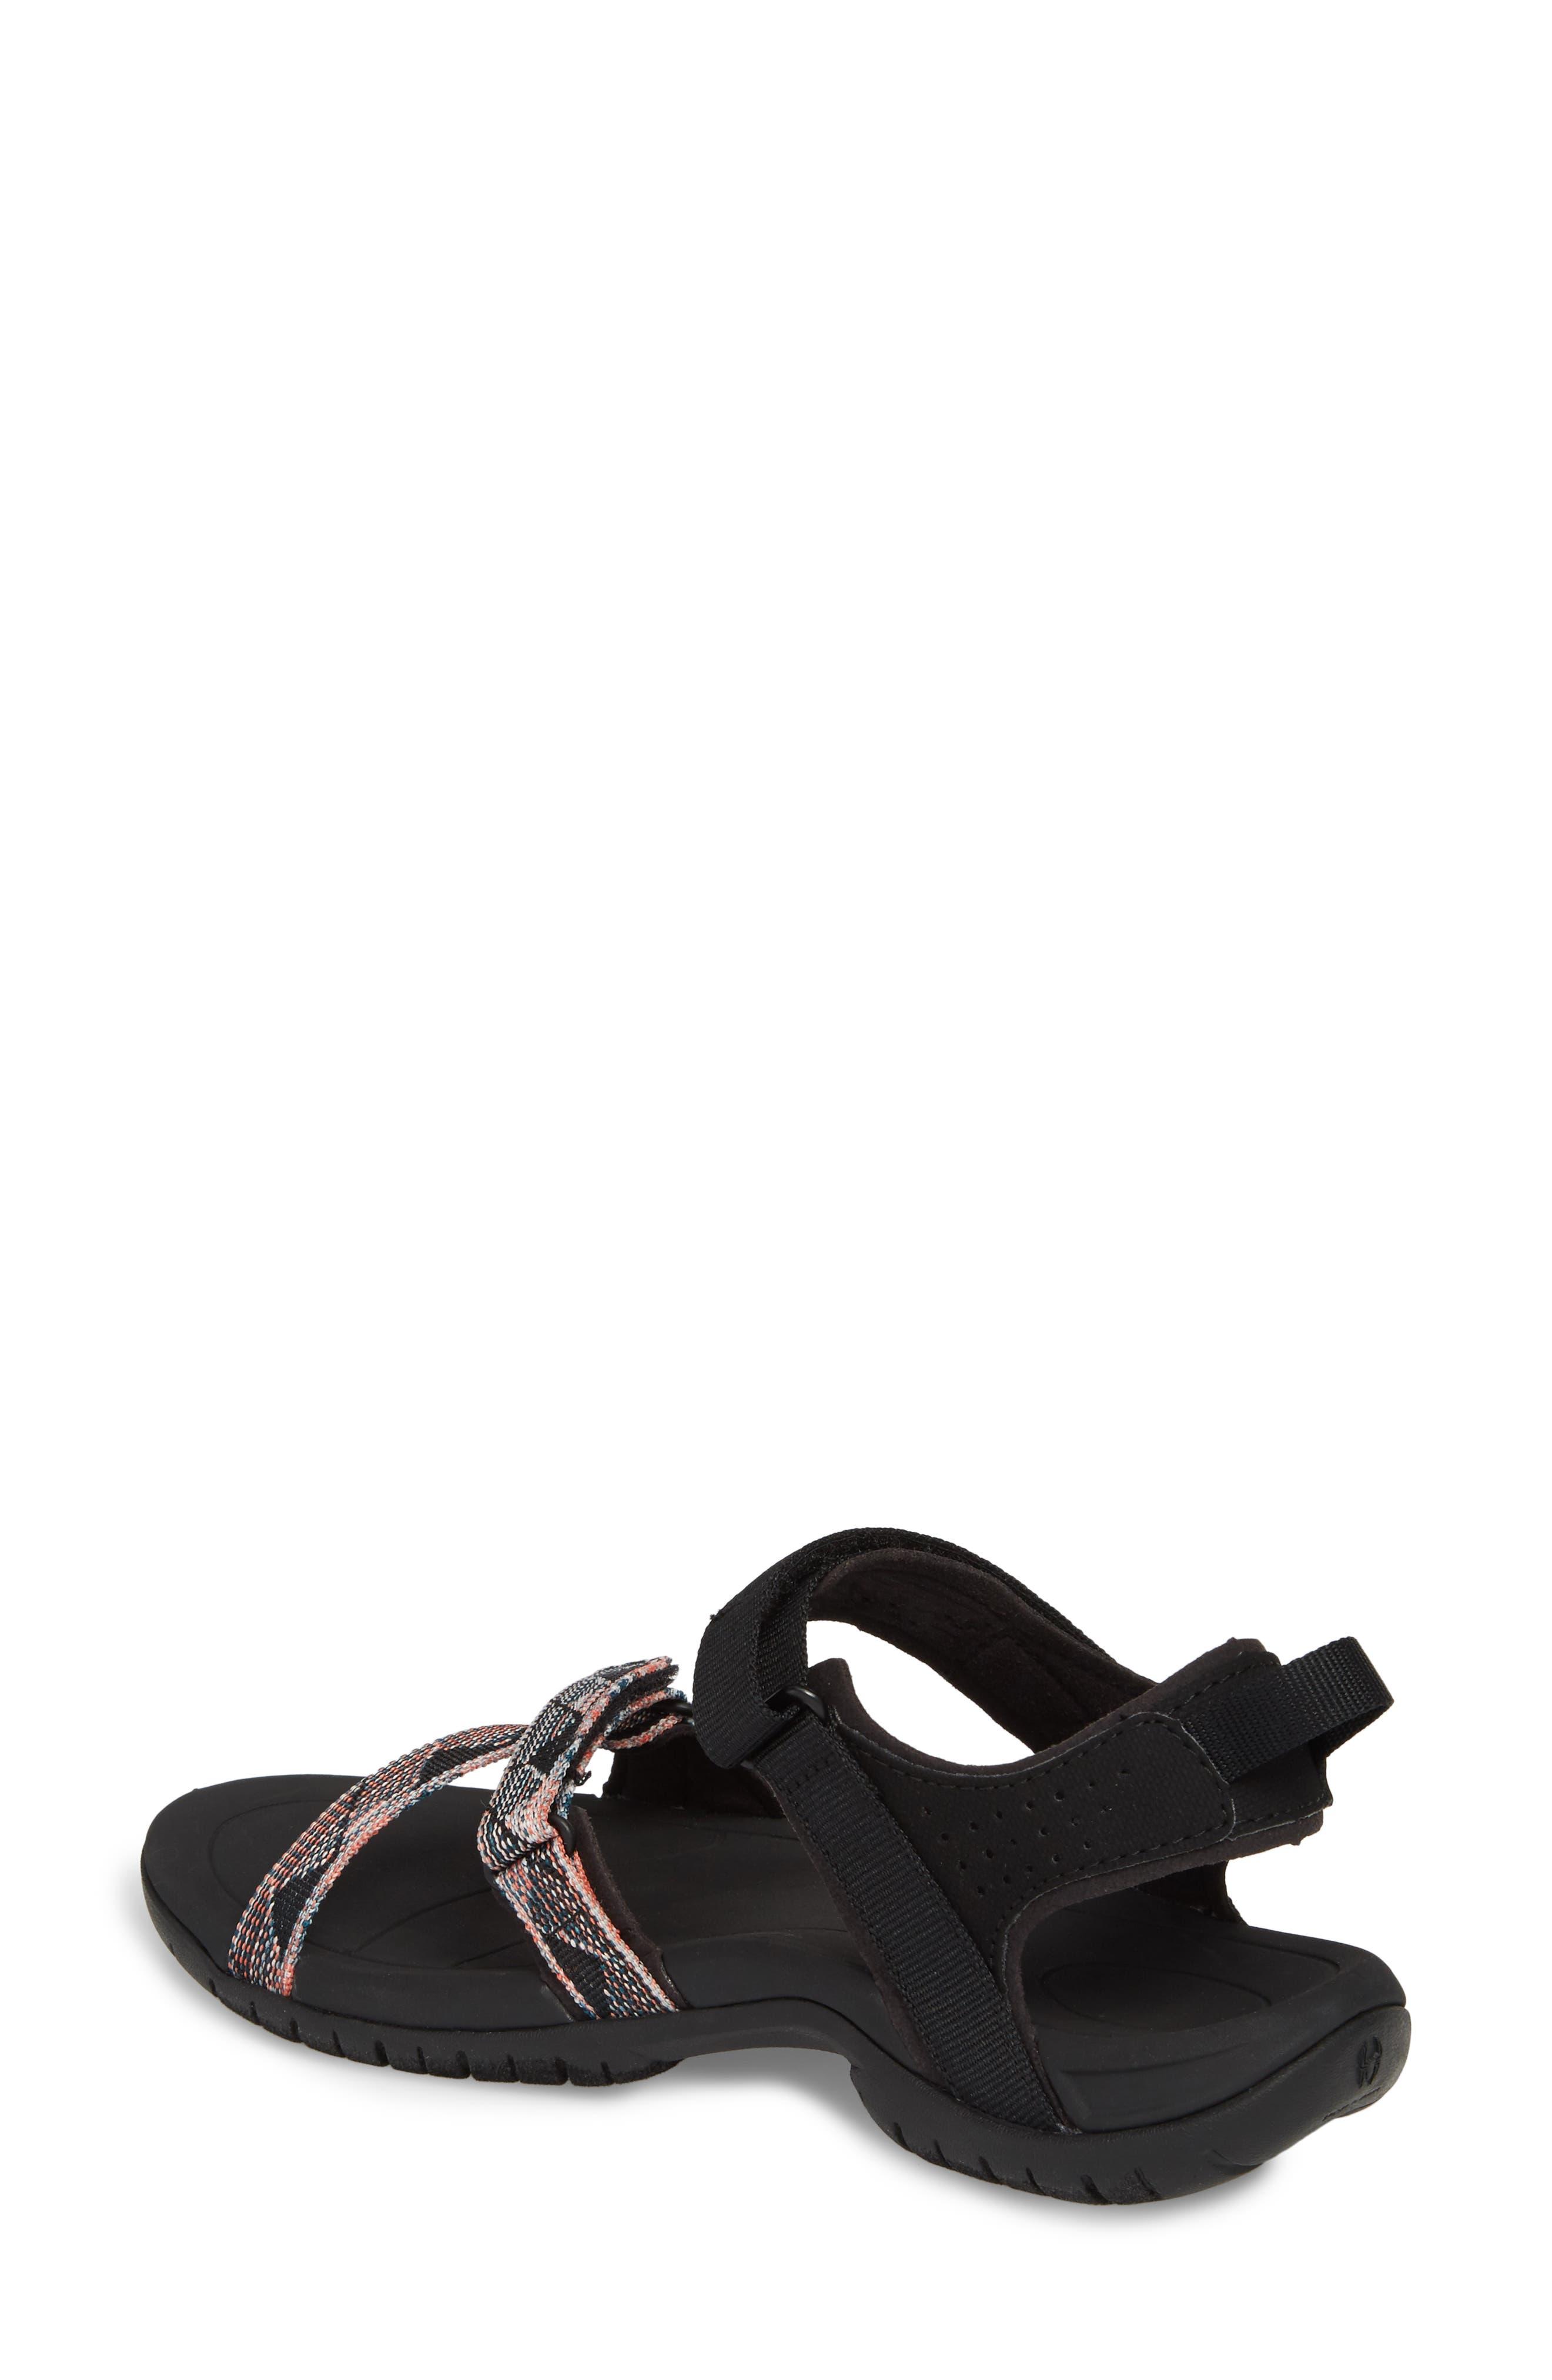 'Verra' Sandal,                             Alternate thumbnail 2, color,                             Suri Black Multi